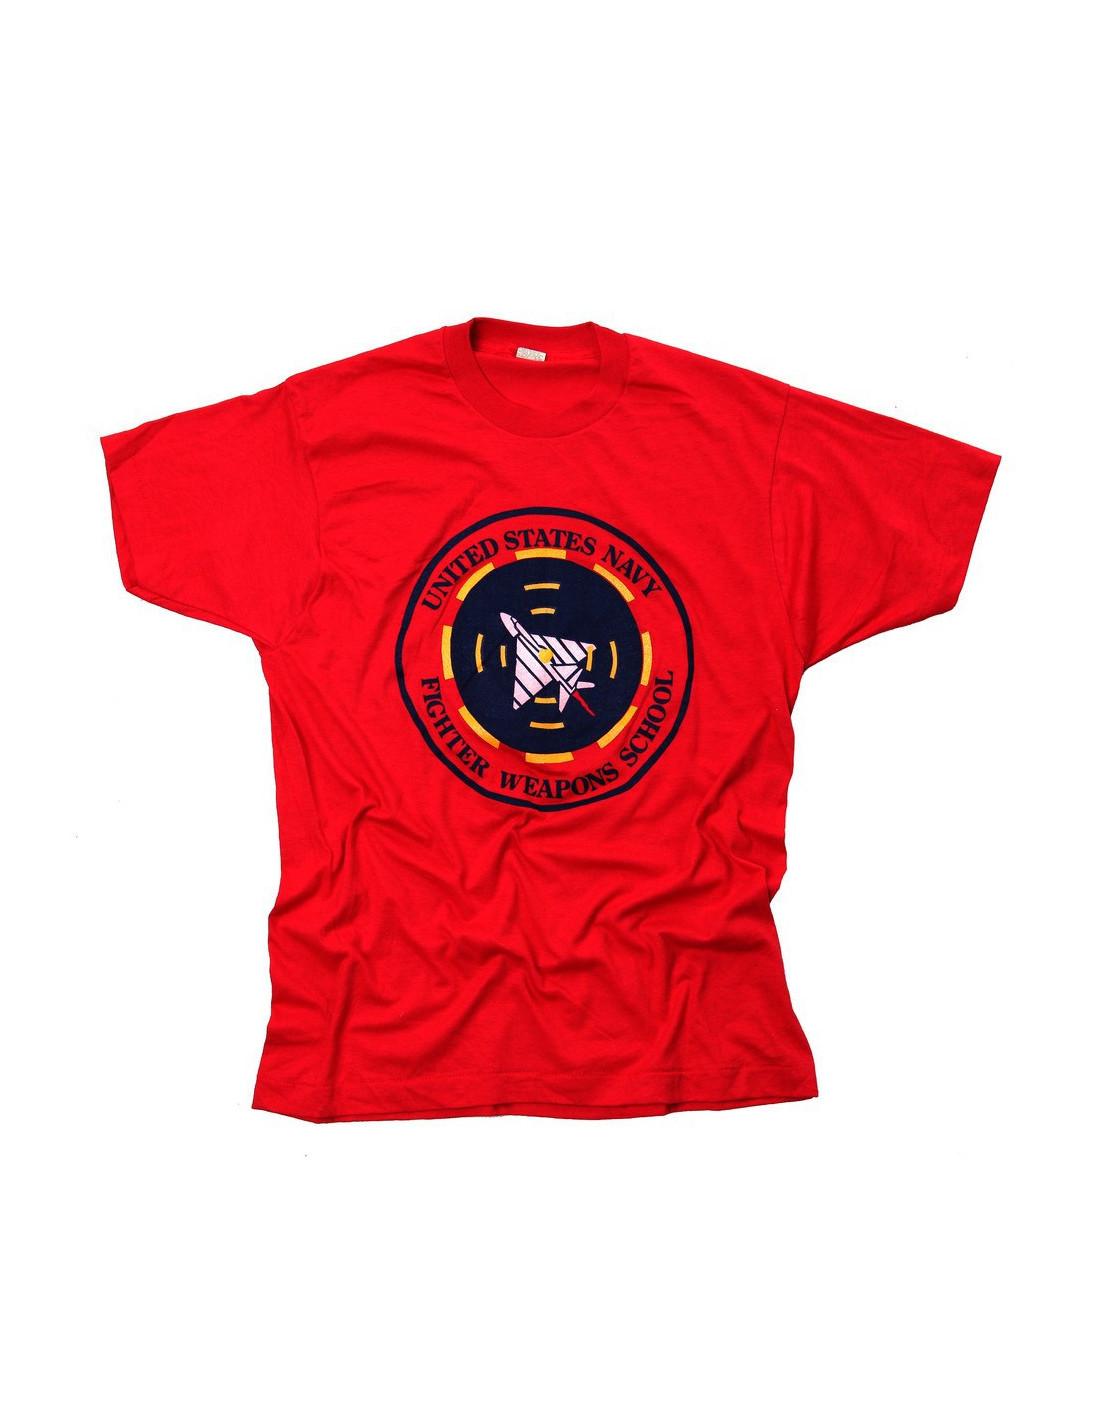 Usa Maglietta T Militare Marina Shirt ppUwAqI7Px